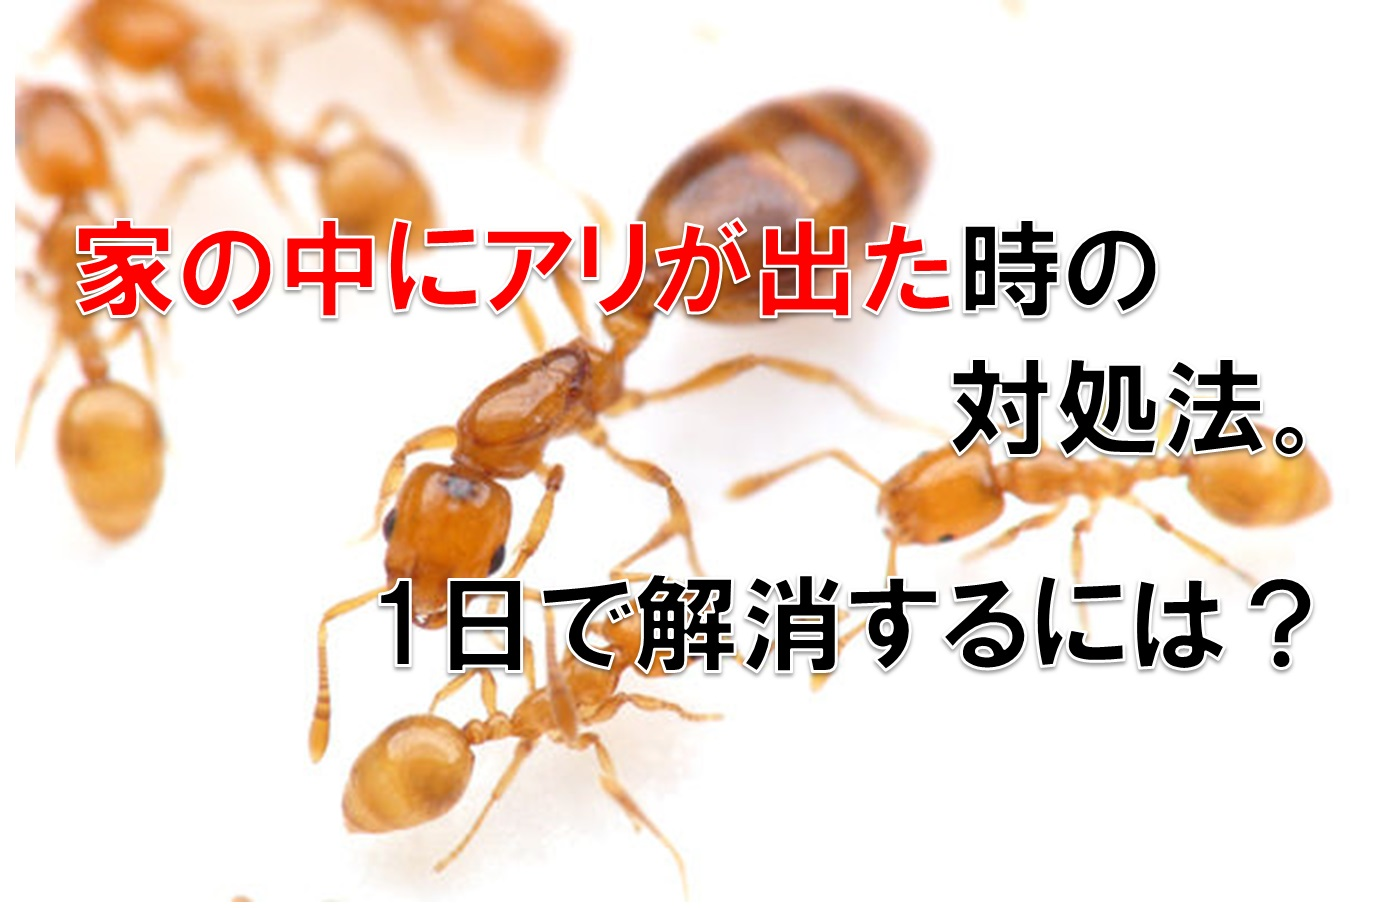 家の中にアリが出た時の対処法。1日で解消するには?